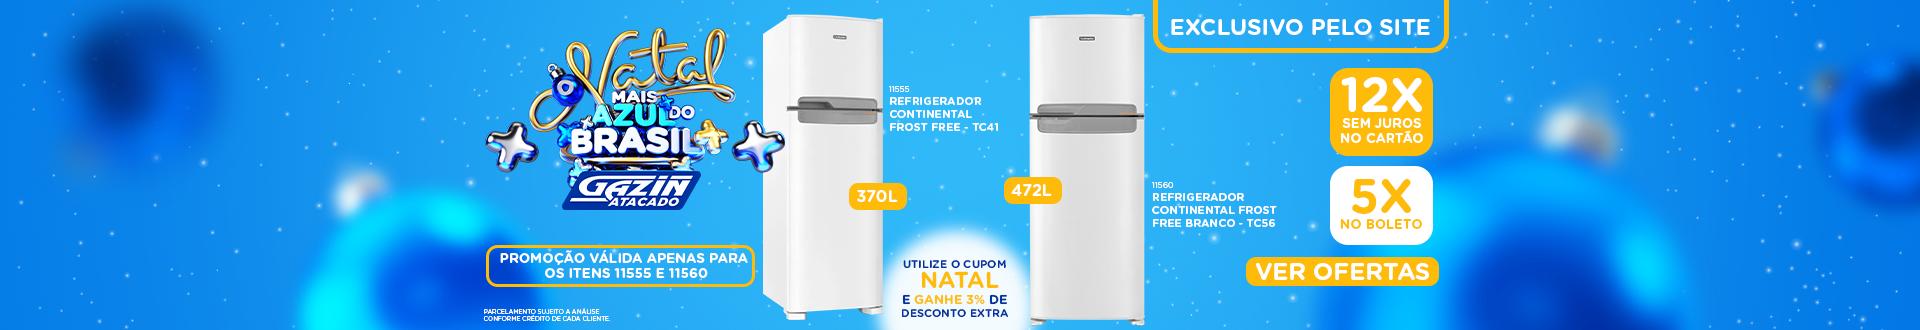 Natal Azul - Refrigerador Cupom